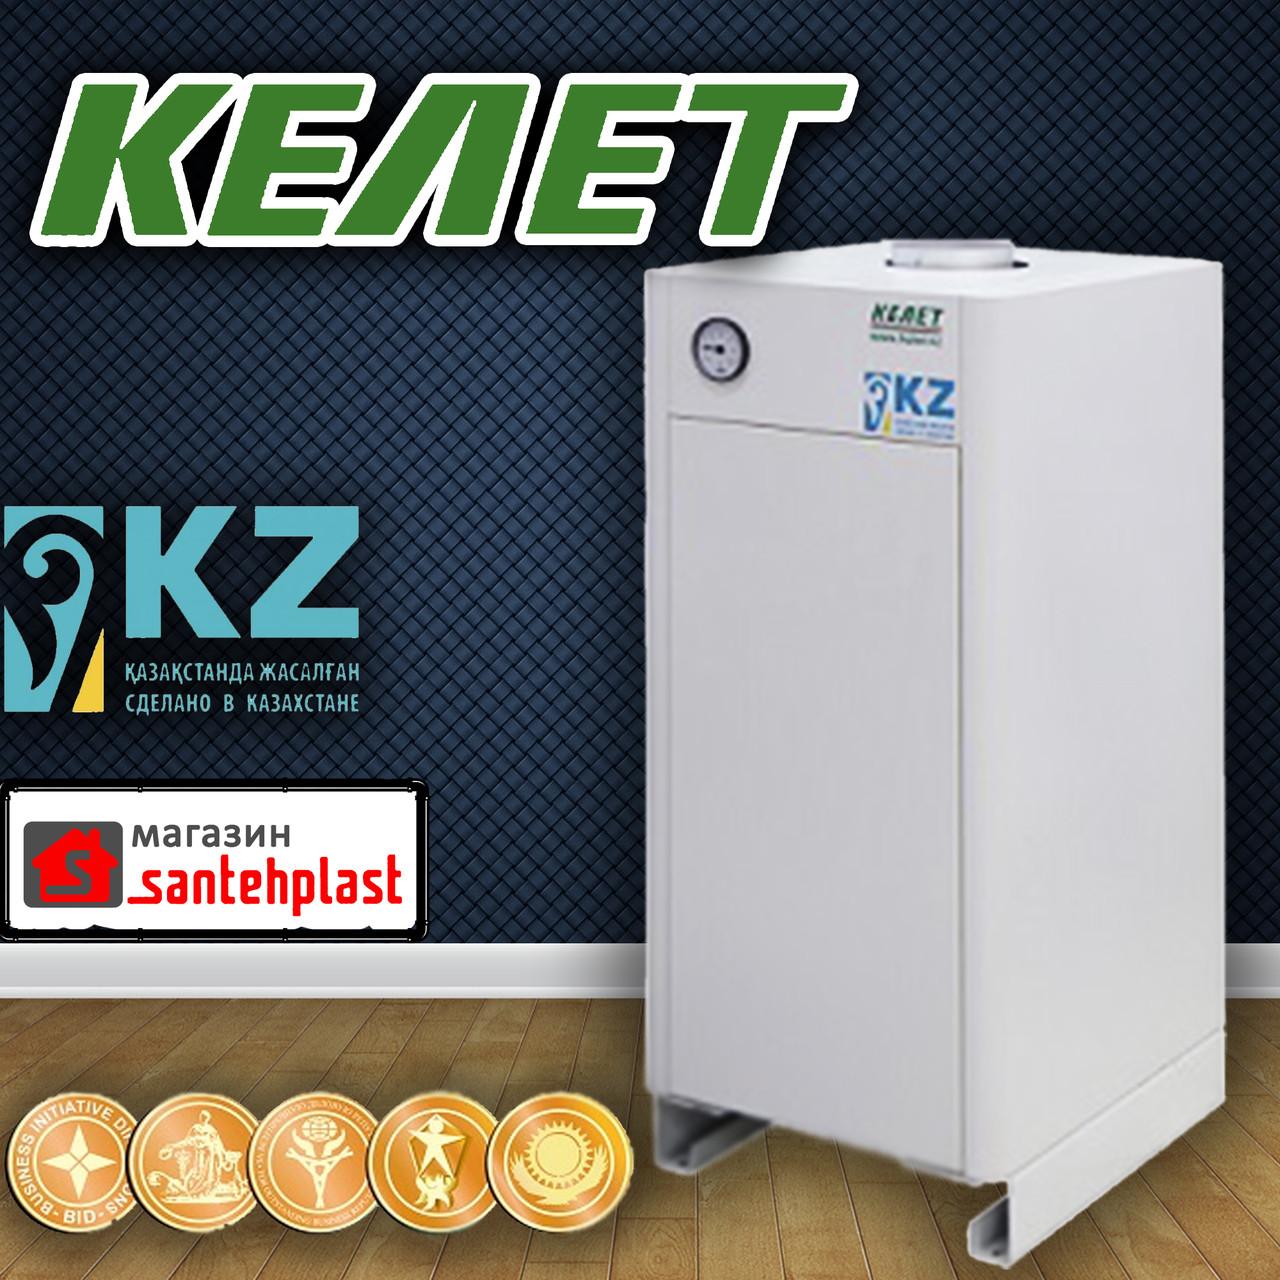 Энергонезависимый газовый котел КЕЛЕТ КСГ-20 до 200 м.кв в магазине SANTEHPLAST